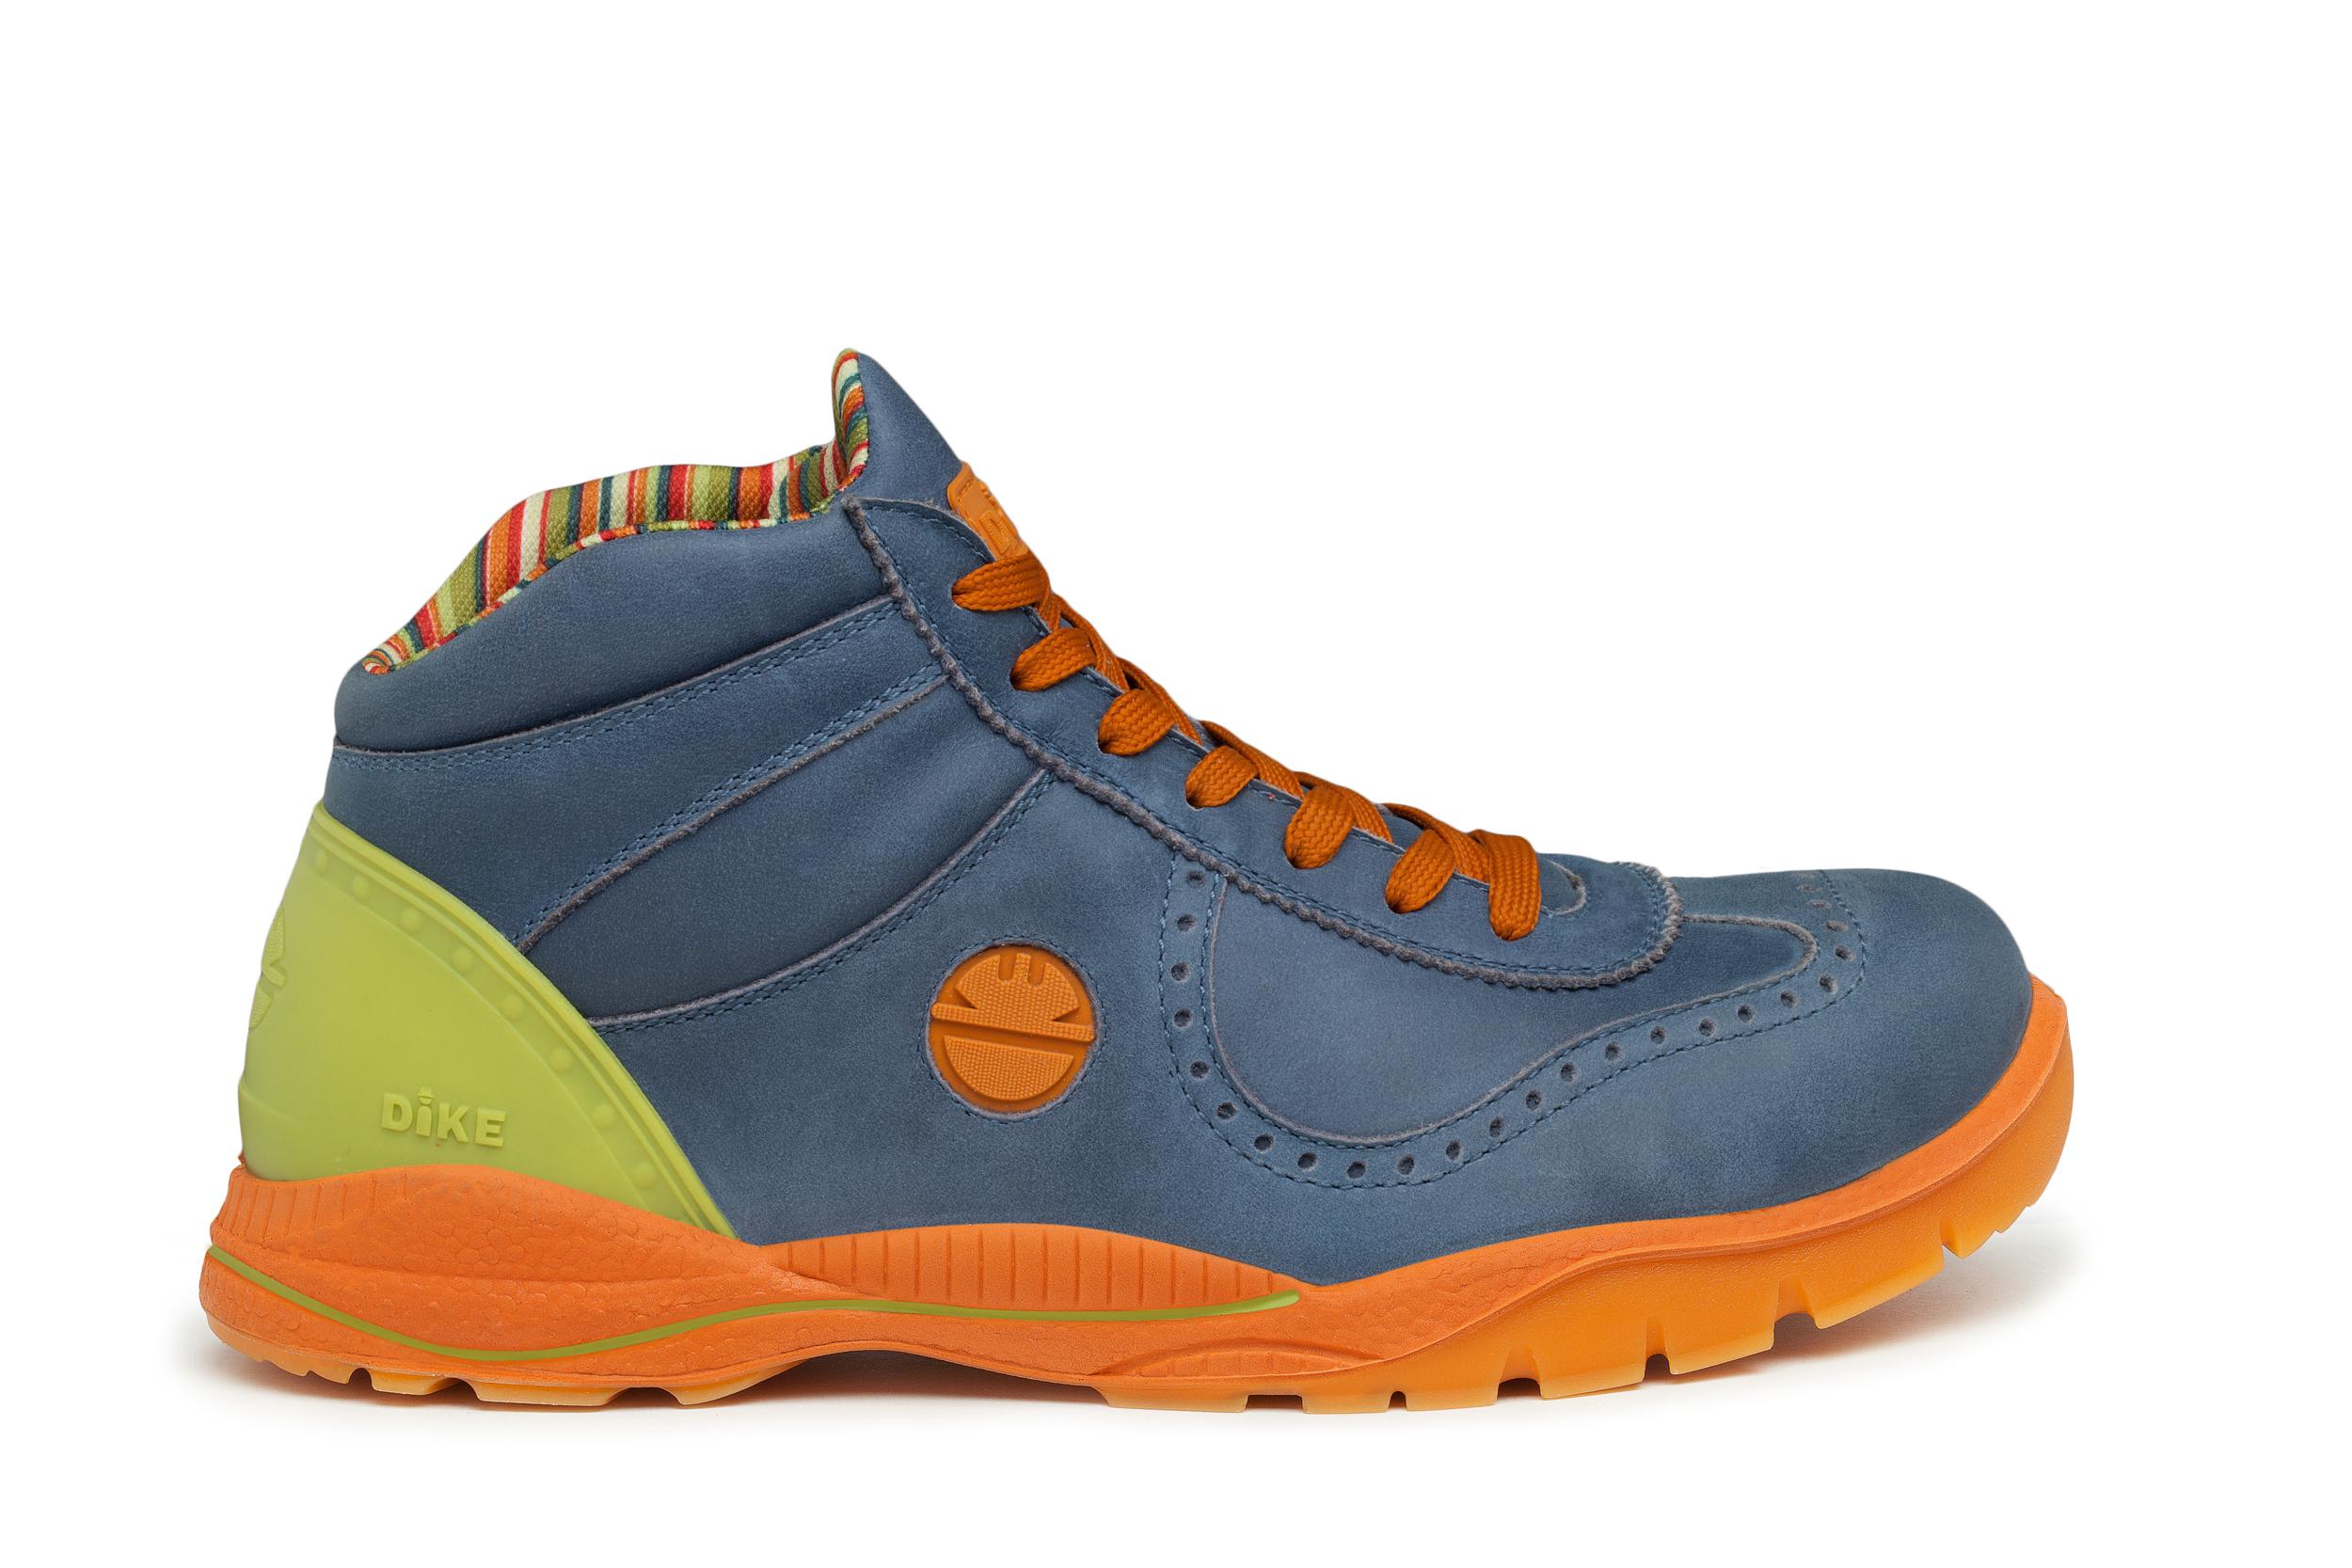 Chaussure de Sécurité Haute JET S3 SRC Ciel   DIKE   Jumper   Réf. : 28023-805